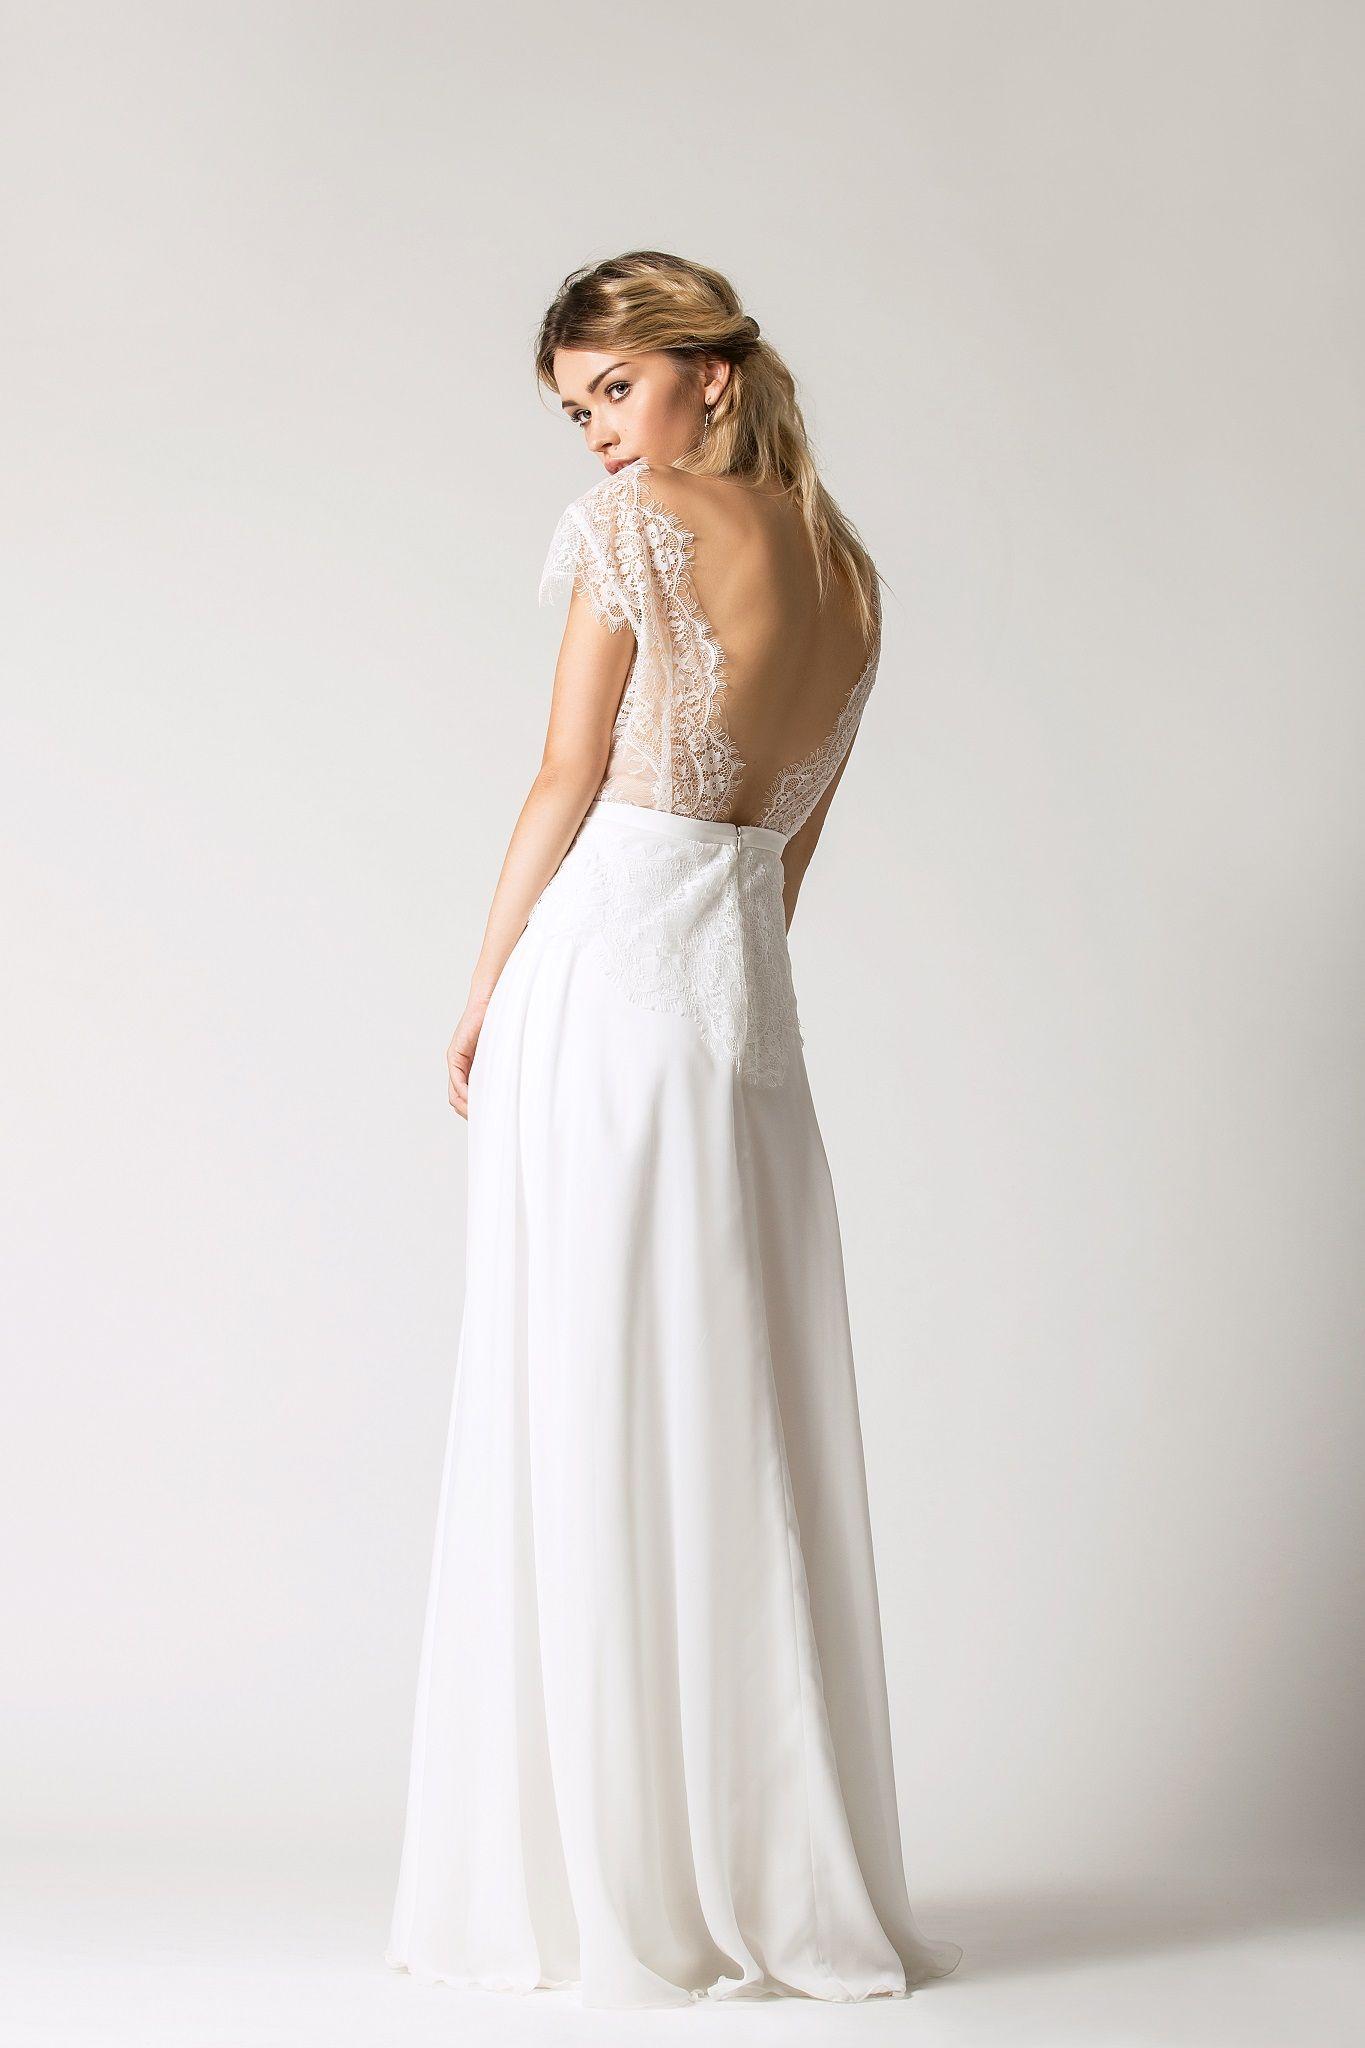 45502f905f Skromna suknia ślubna z delikatnym dekoltem. Pasek podkreślający talię oraz  aplikacje w nachodzące na spódnicę. Suknia ma mocno wycięte plecy  ) Model   ...